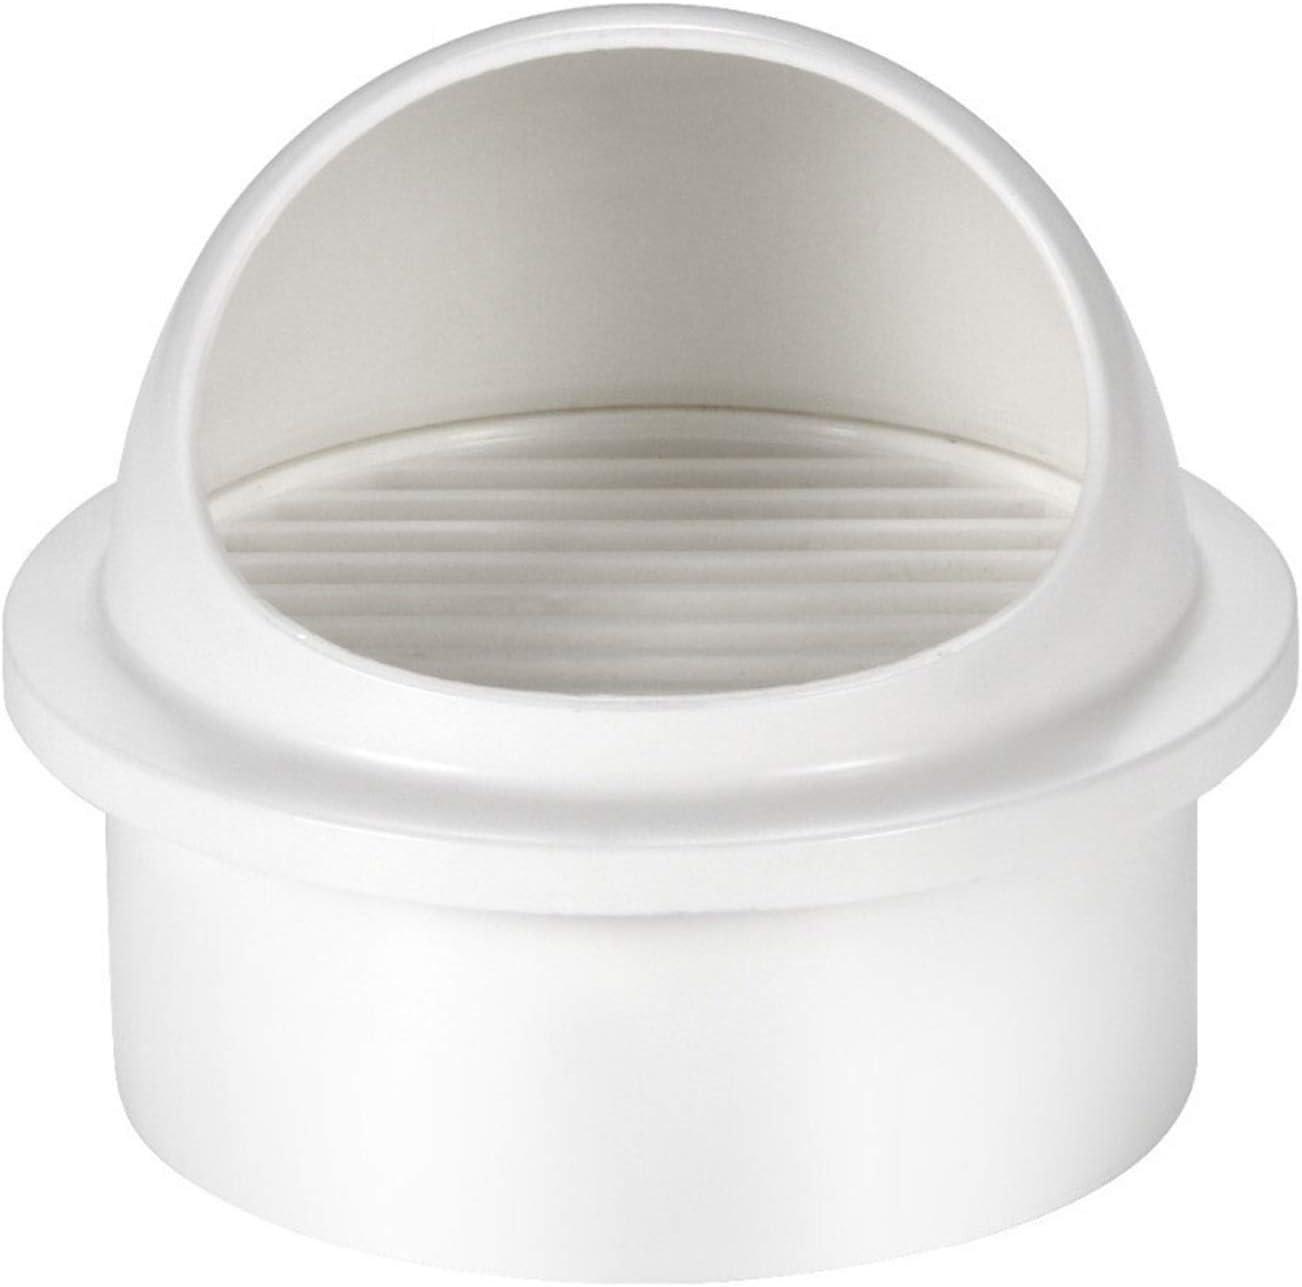 Shuxiang-rejilla de ventilación 4/6 pulg, ABS, pared redonda salida de aire, conductos de ventilación del valor, la cubierta de boca de extracción, Salida de ventilación for el hogar Calefacción Los v